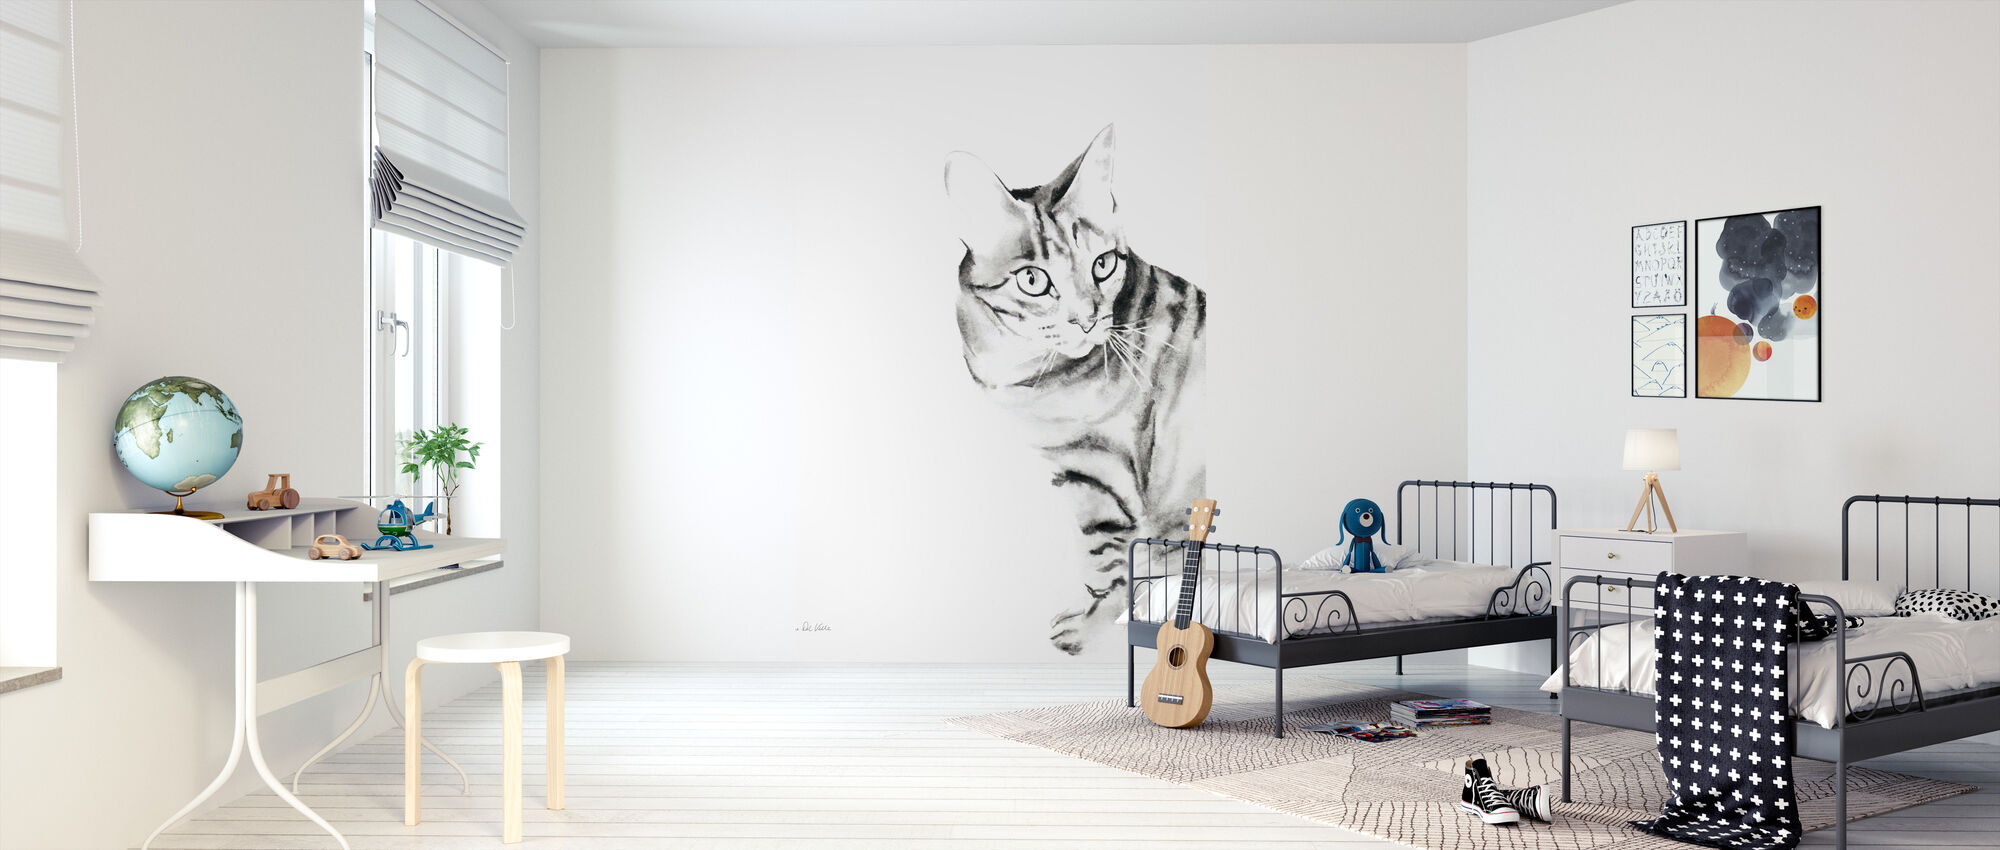 Sadie - Wallpaper - Kids Room